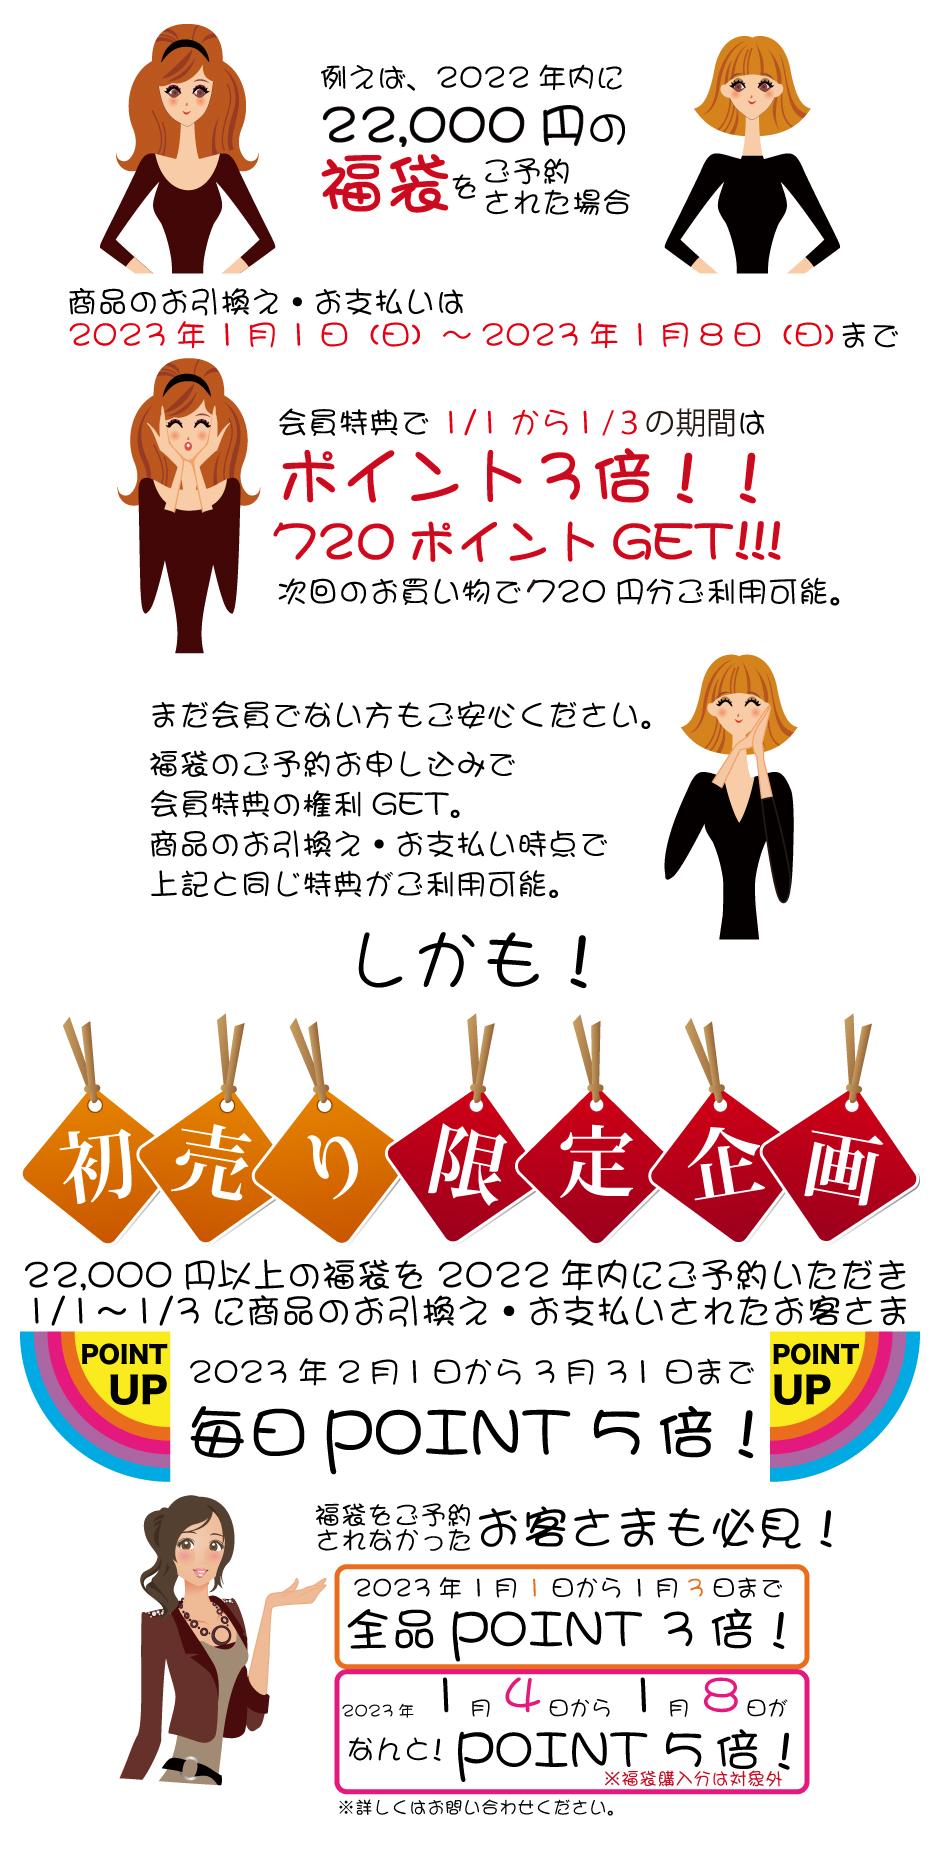 カネボウ・トワニー・リサージ福袋 初売り限定企画